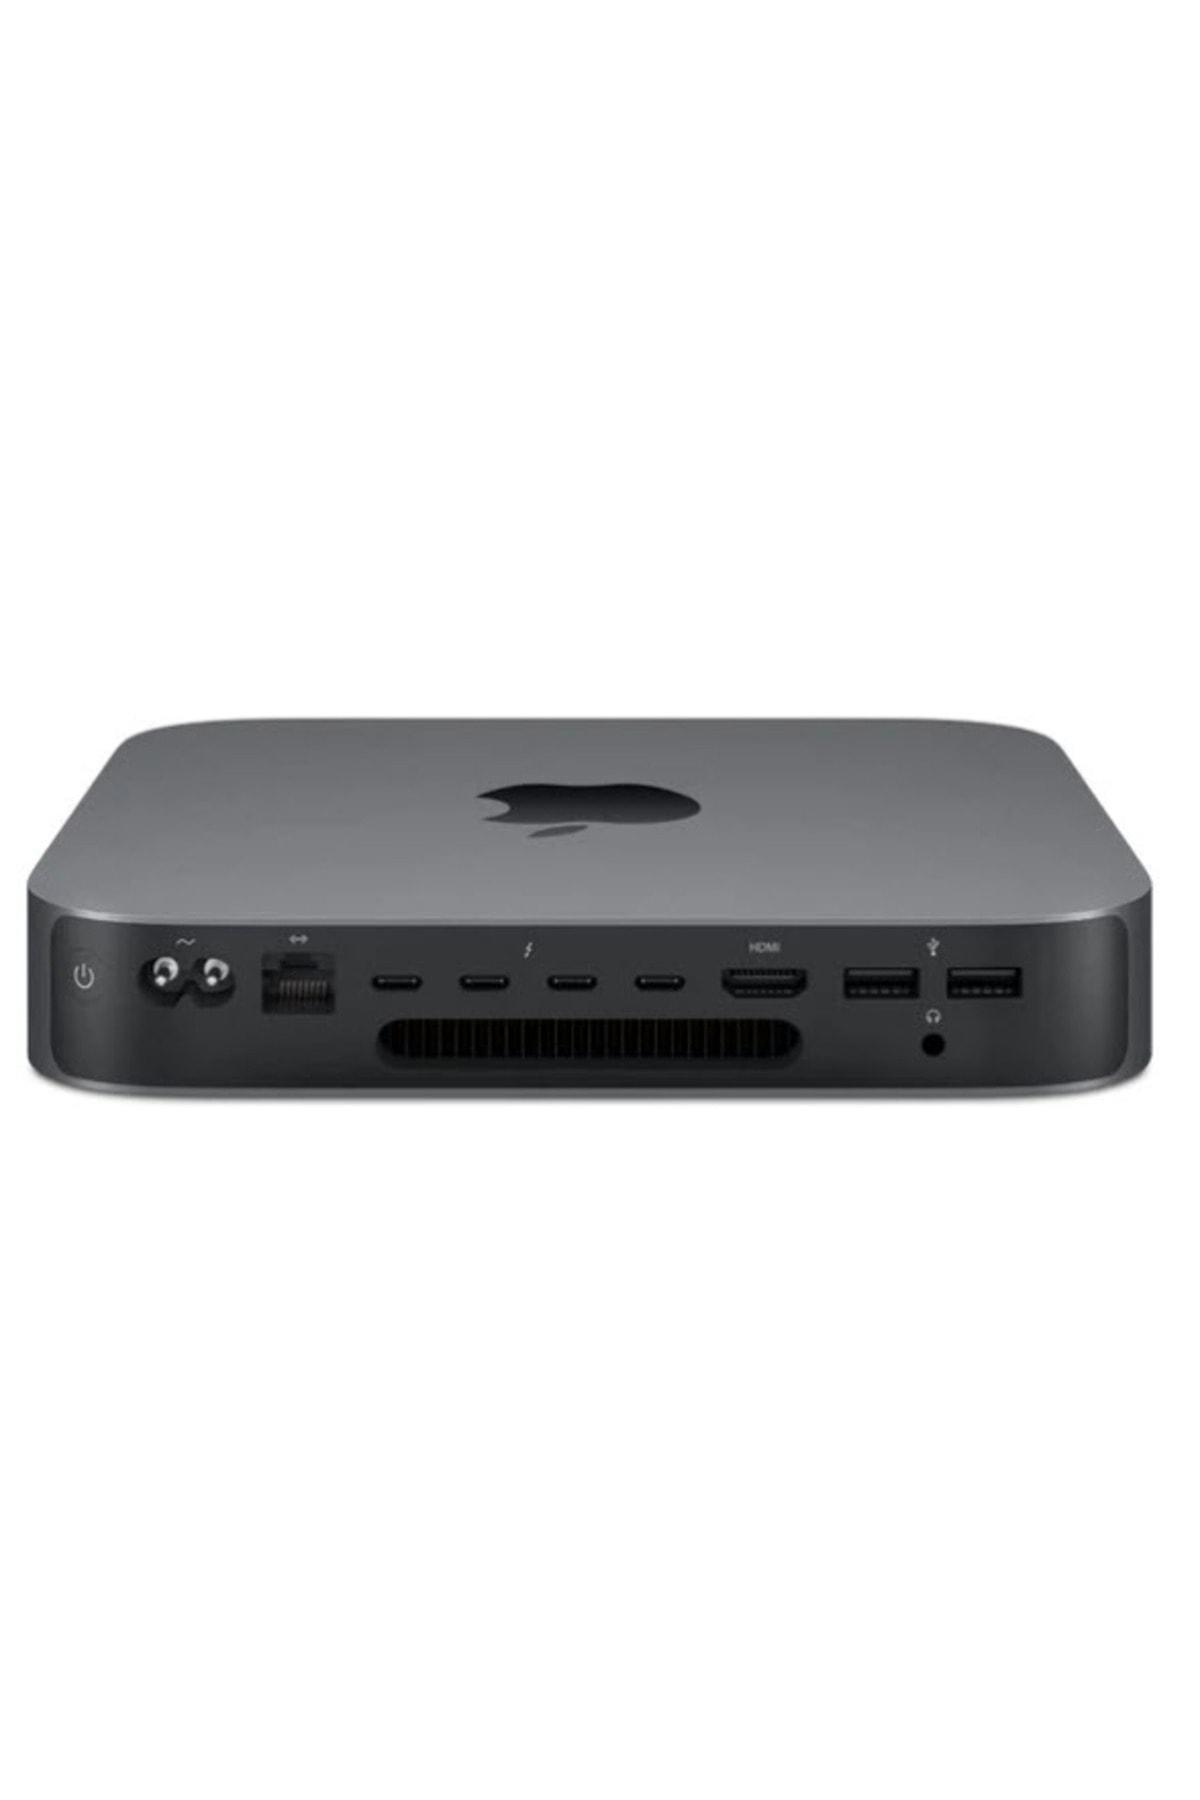 Apple Mac Mini Intel Core i3 8GB 128GB SSD 3.6GHz Mini PC Uzay Grisi MRTR2TU/A 2